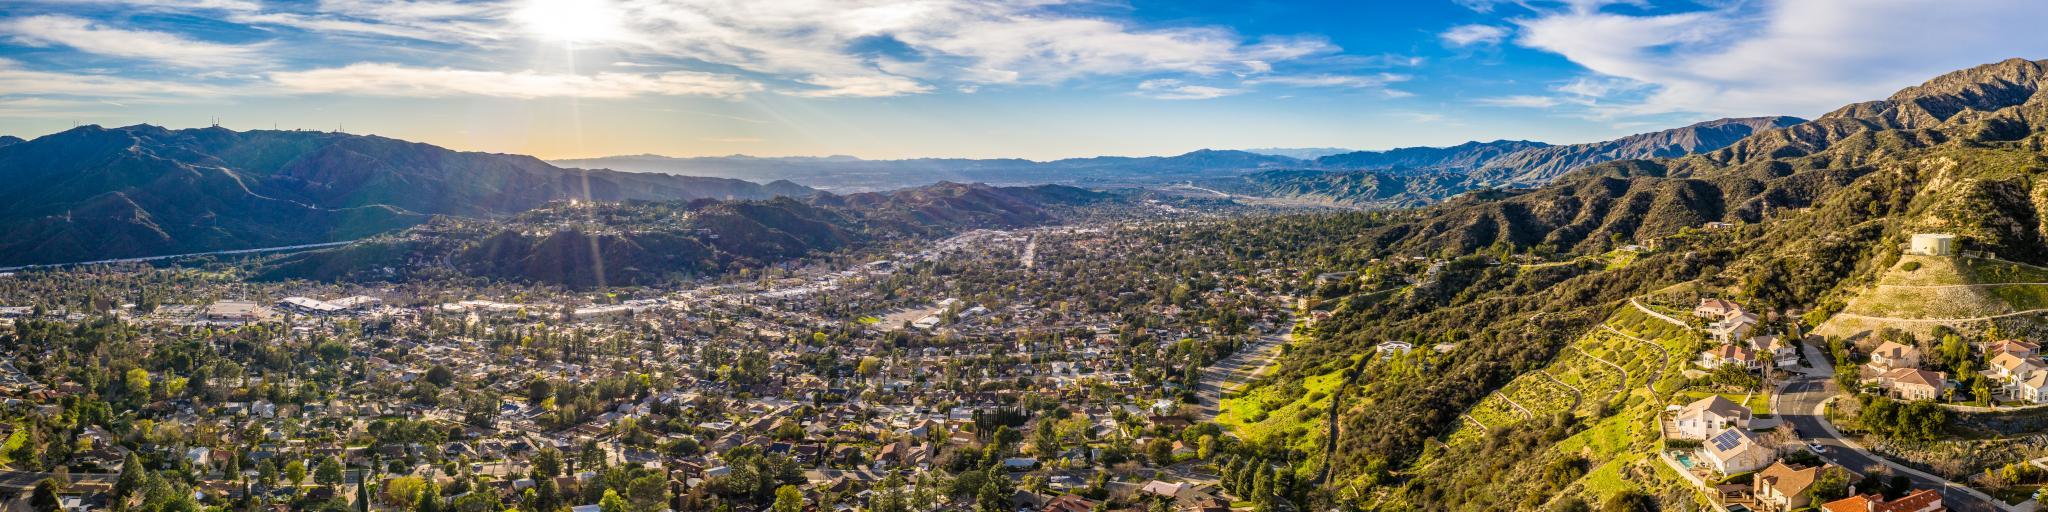 North Hollywood Burbank Glendale Pasadena aerial, Los Angeles Highway